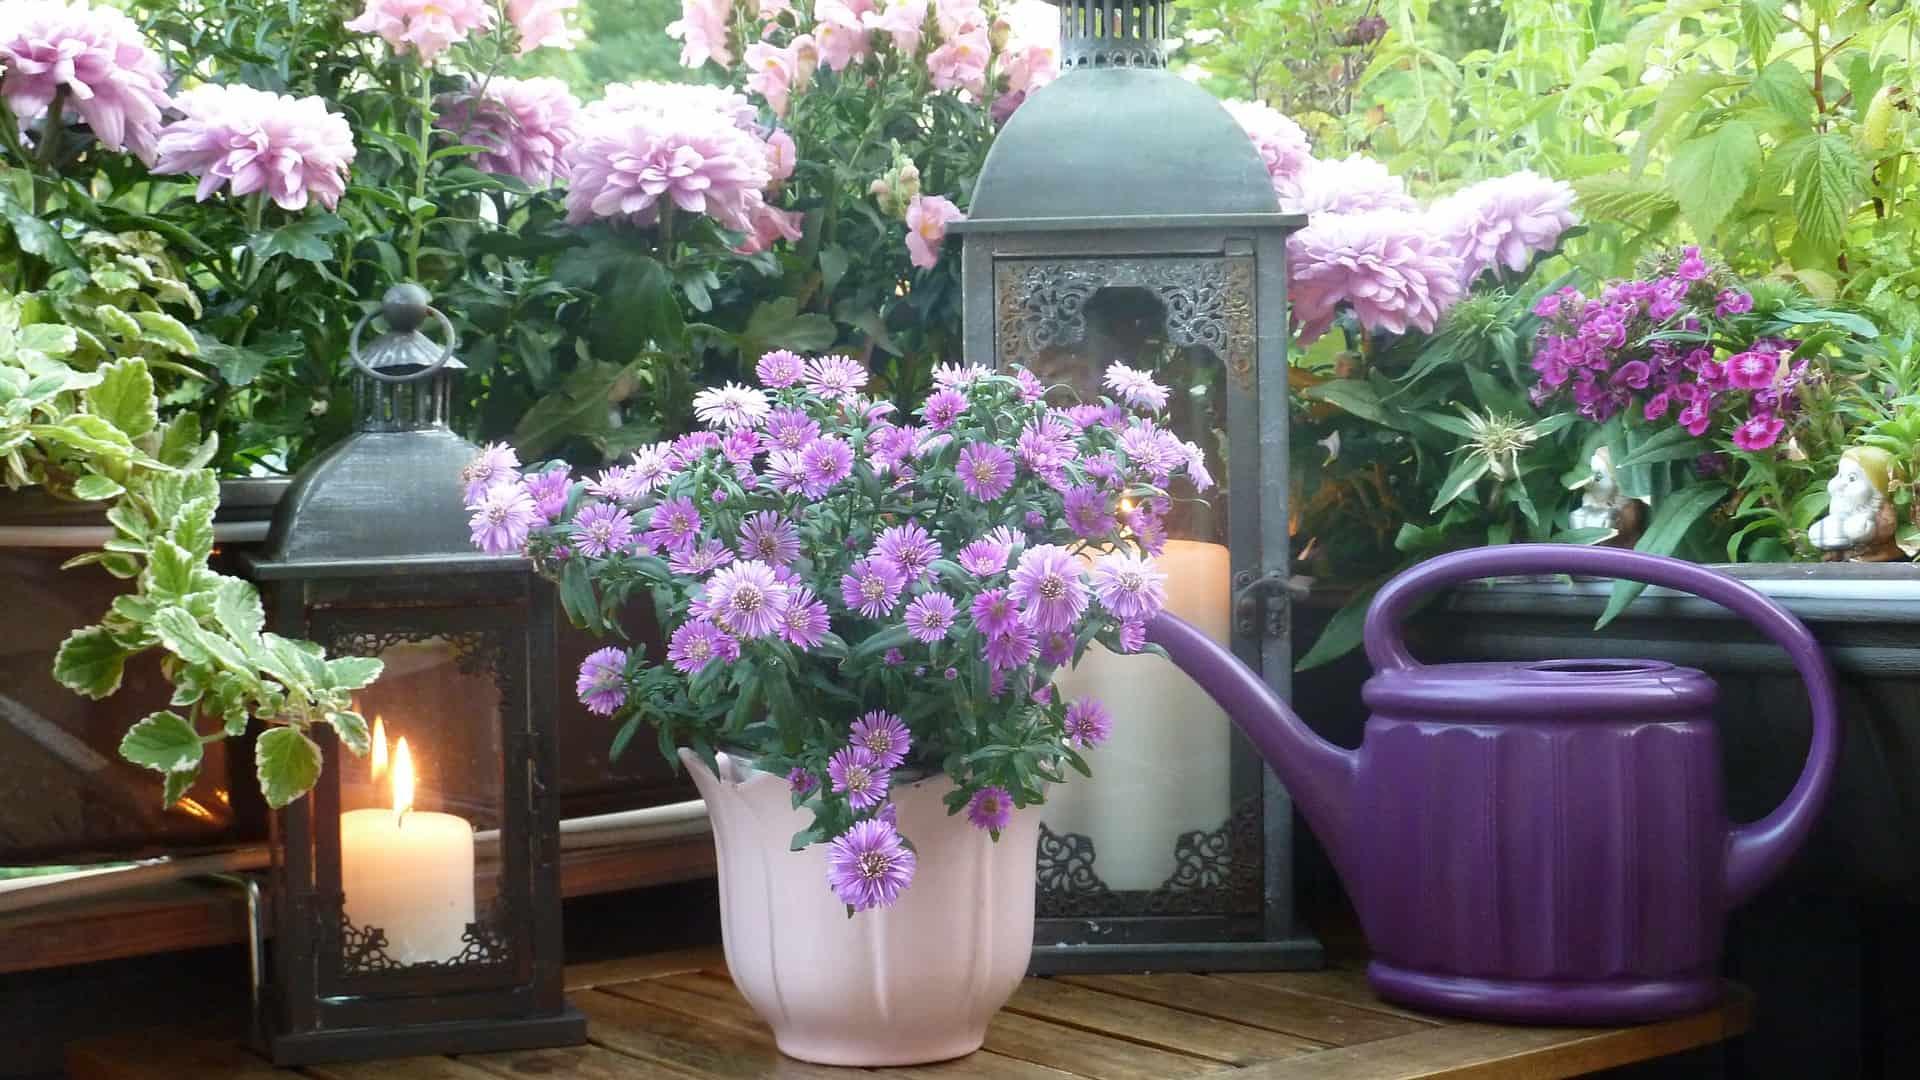 Restiamo in casa e ri-arrediamo i nostri balconi: dai fiori agli accessori per ripensare gli spazi